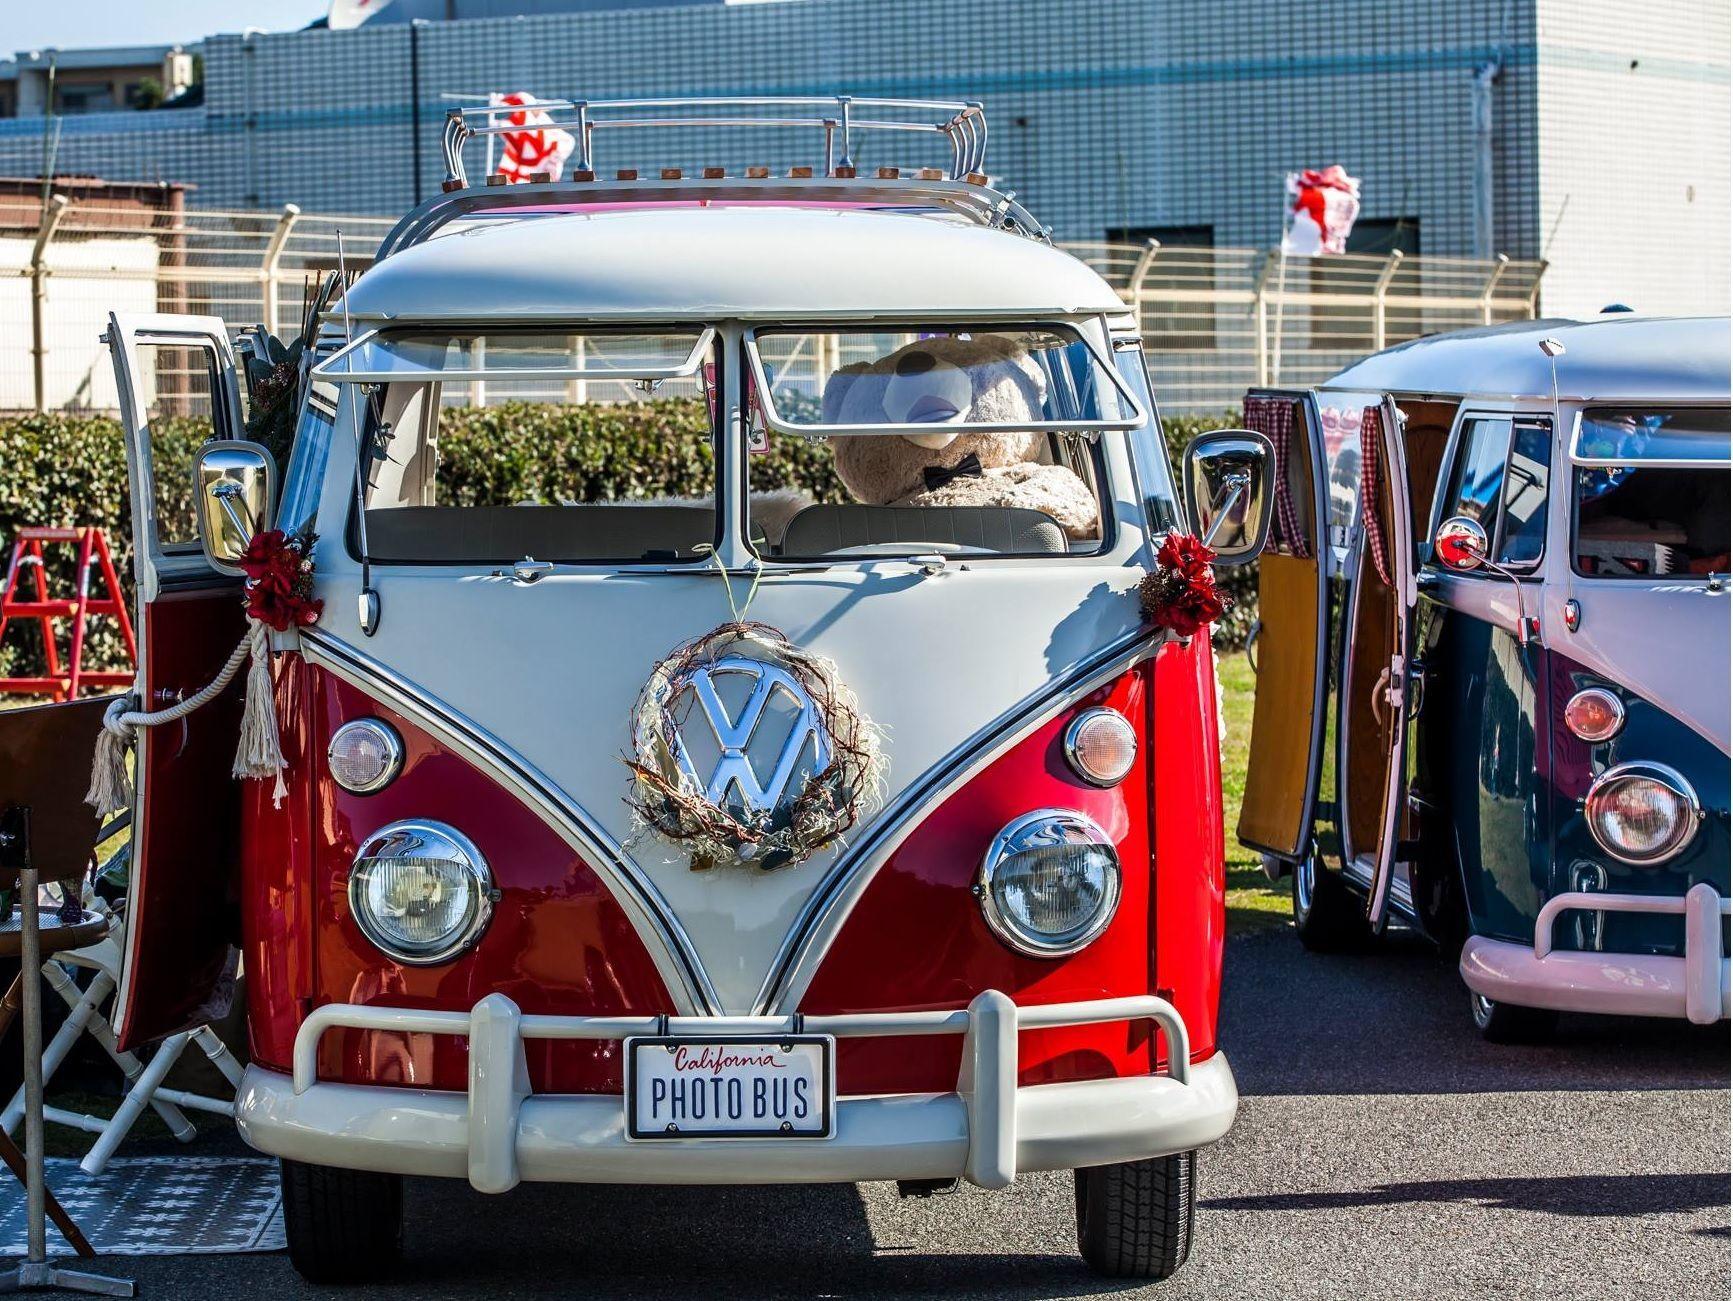 車中泊にフォーカスしたイベントが初開催!1,700万円を超えるトンデモキャンピングカーも登場するの!?